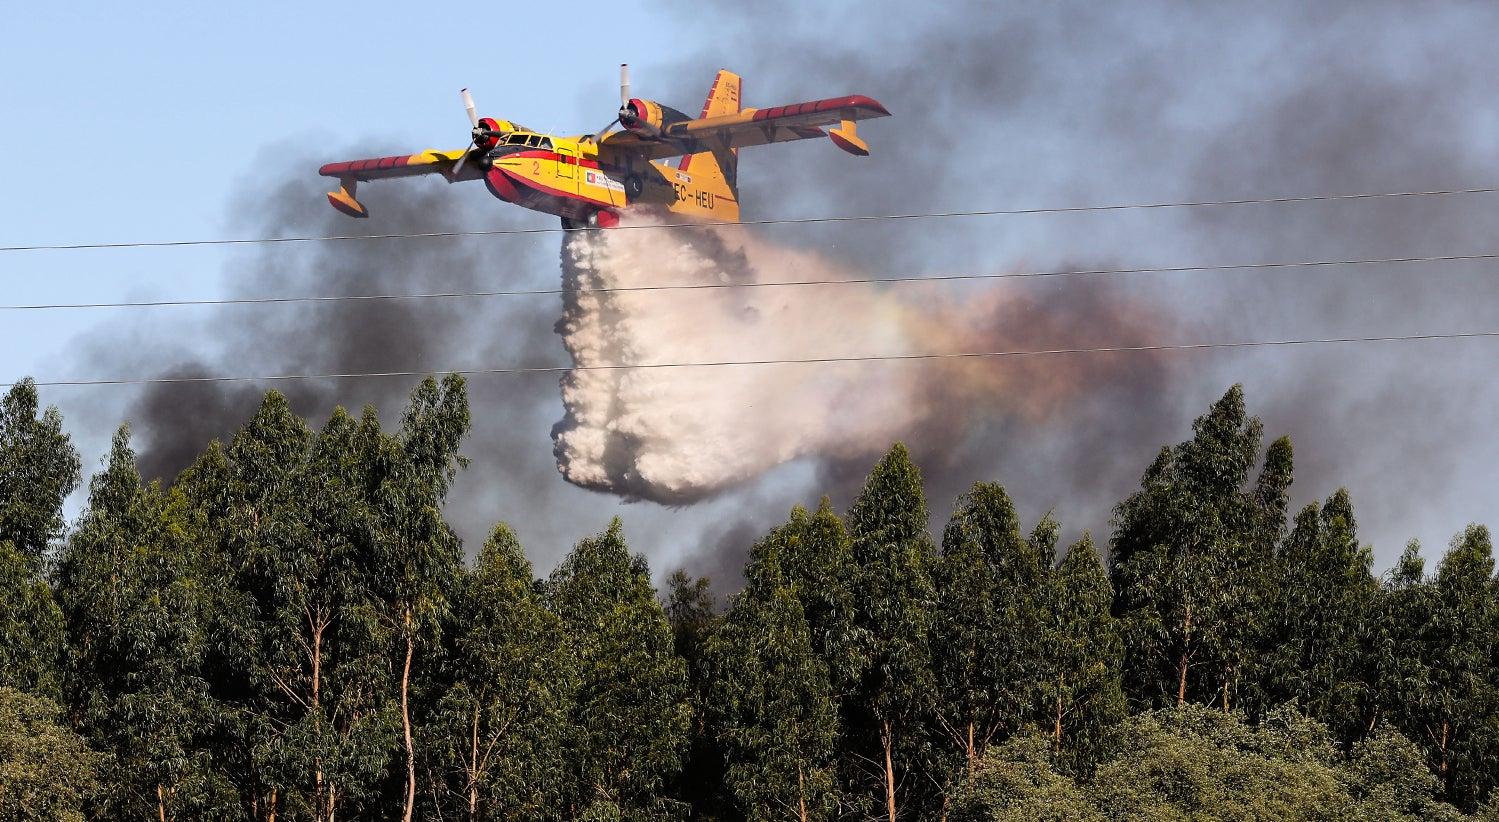 Sapadores florestais feridos em incêndio no distrito de Santarém